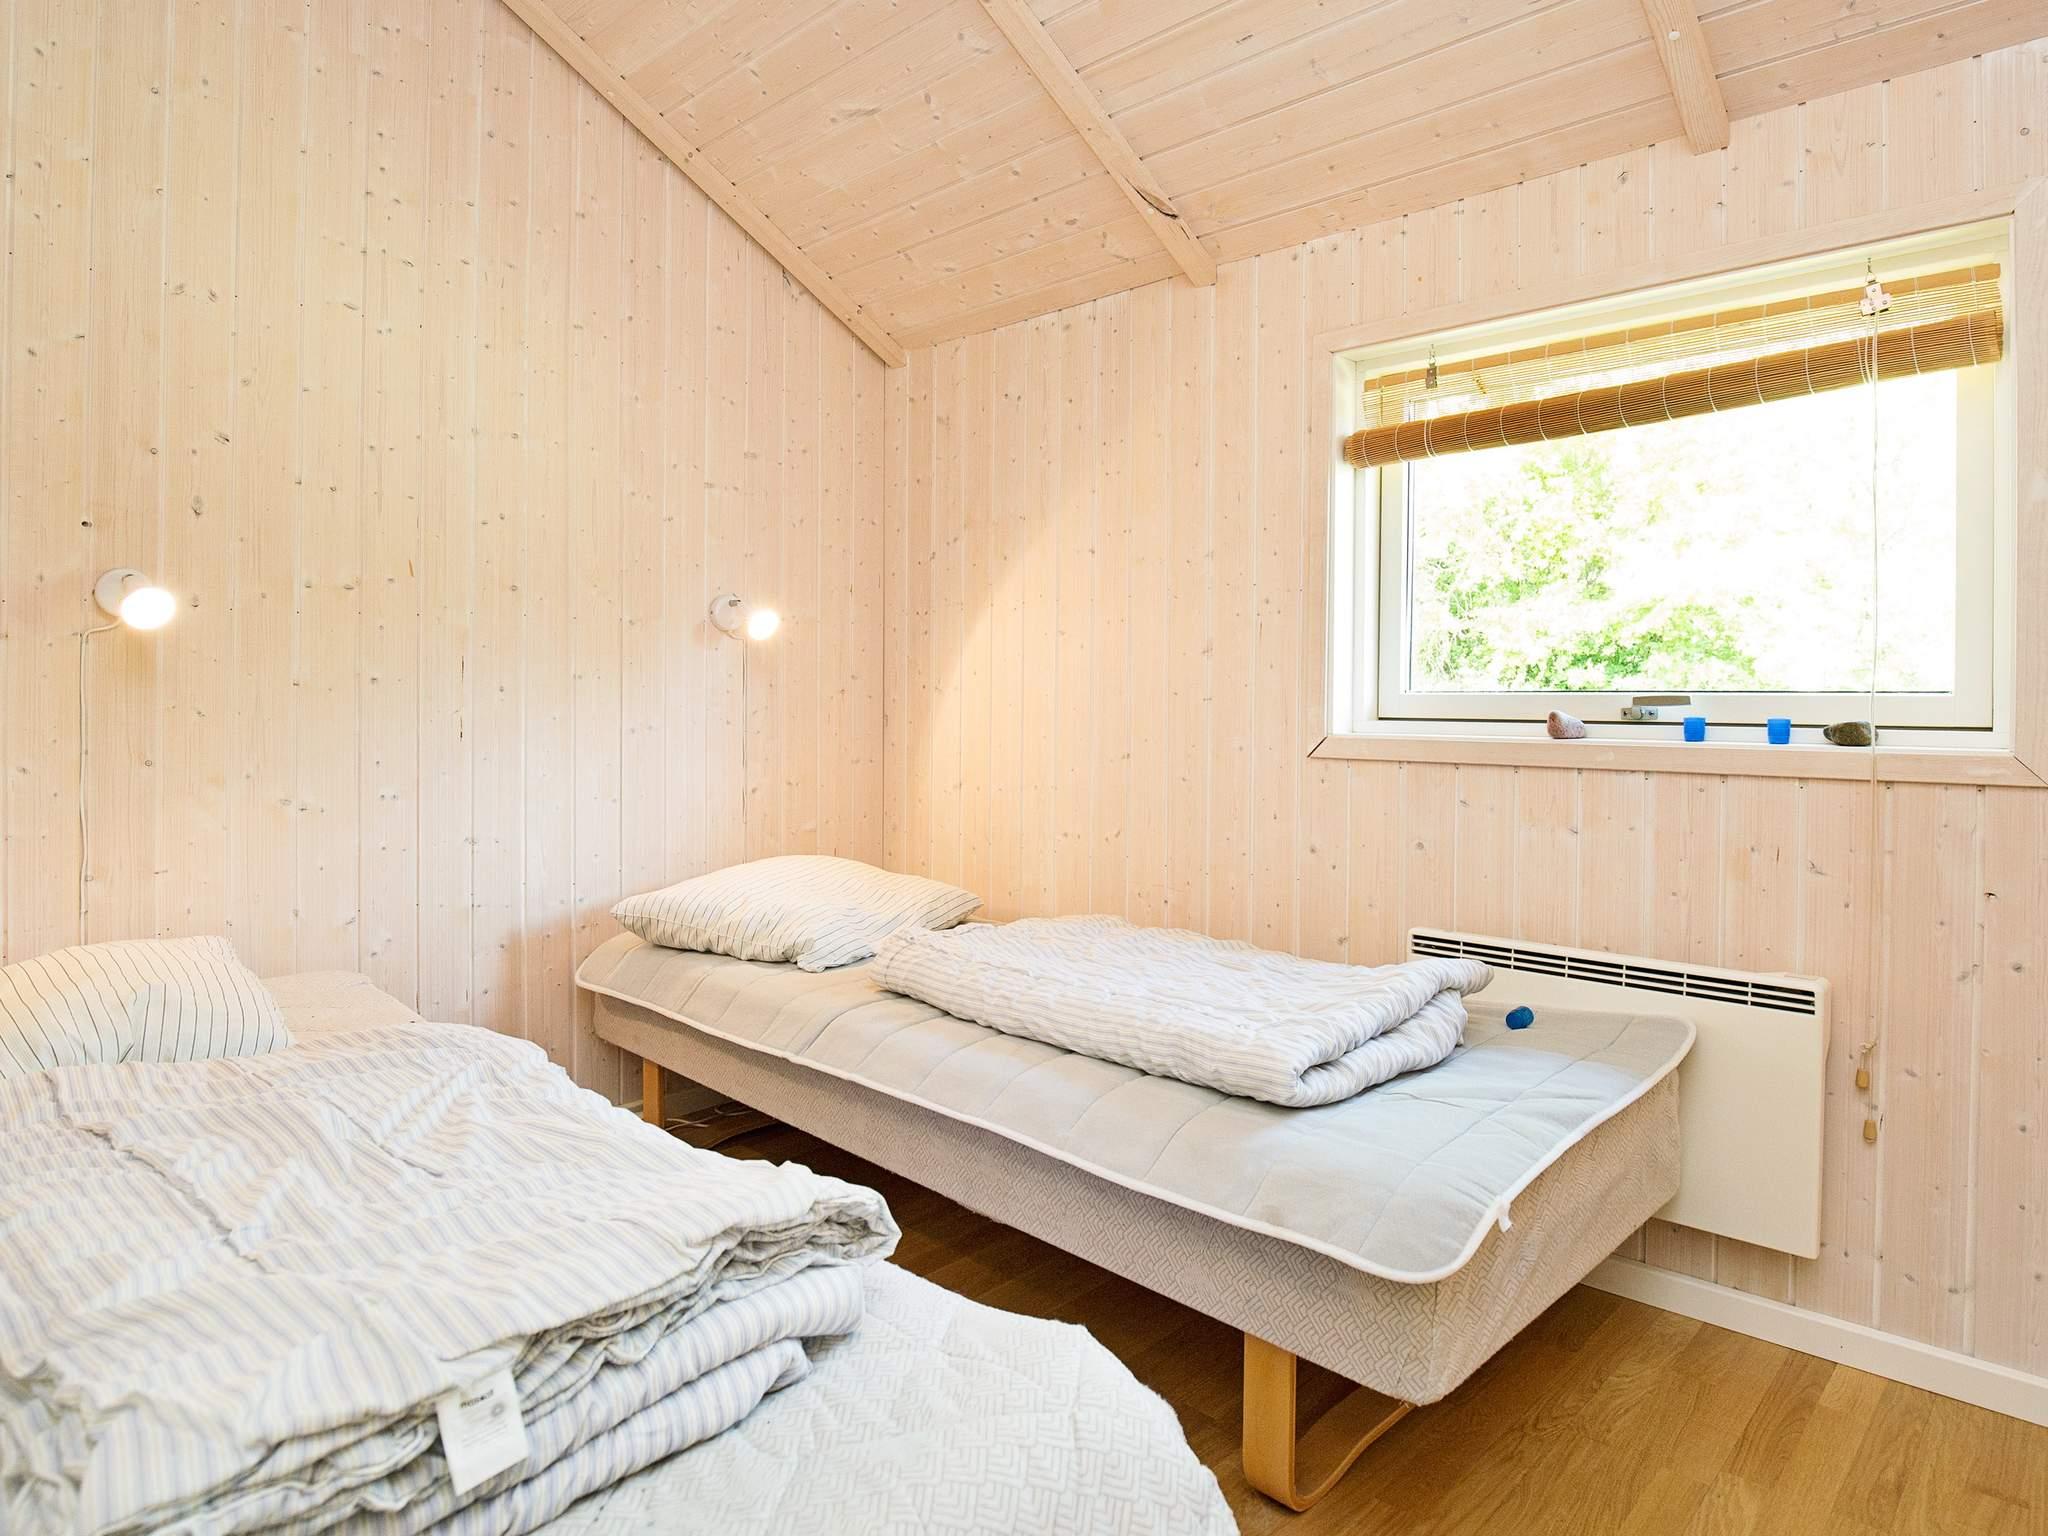 Ferienhaus Veddinge Bakker (216923), Asnæs, , Westseeland, Dänemark, Bild 11